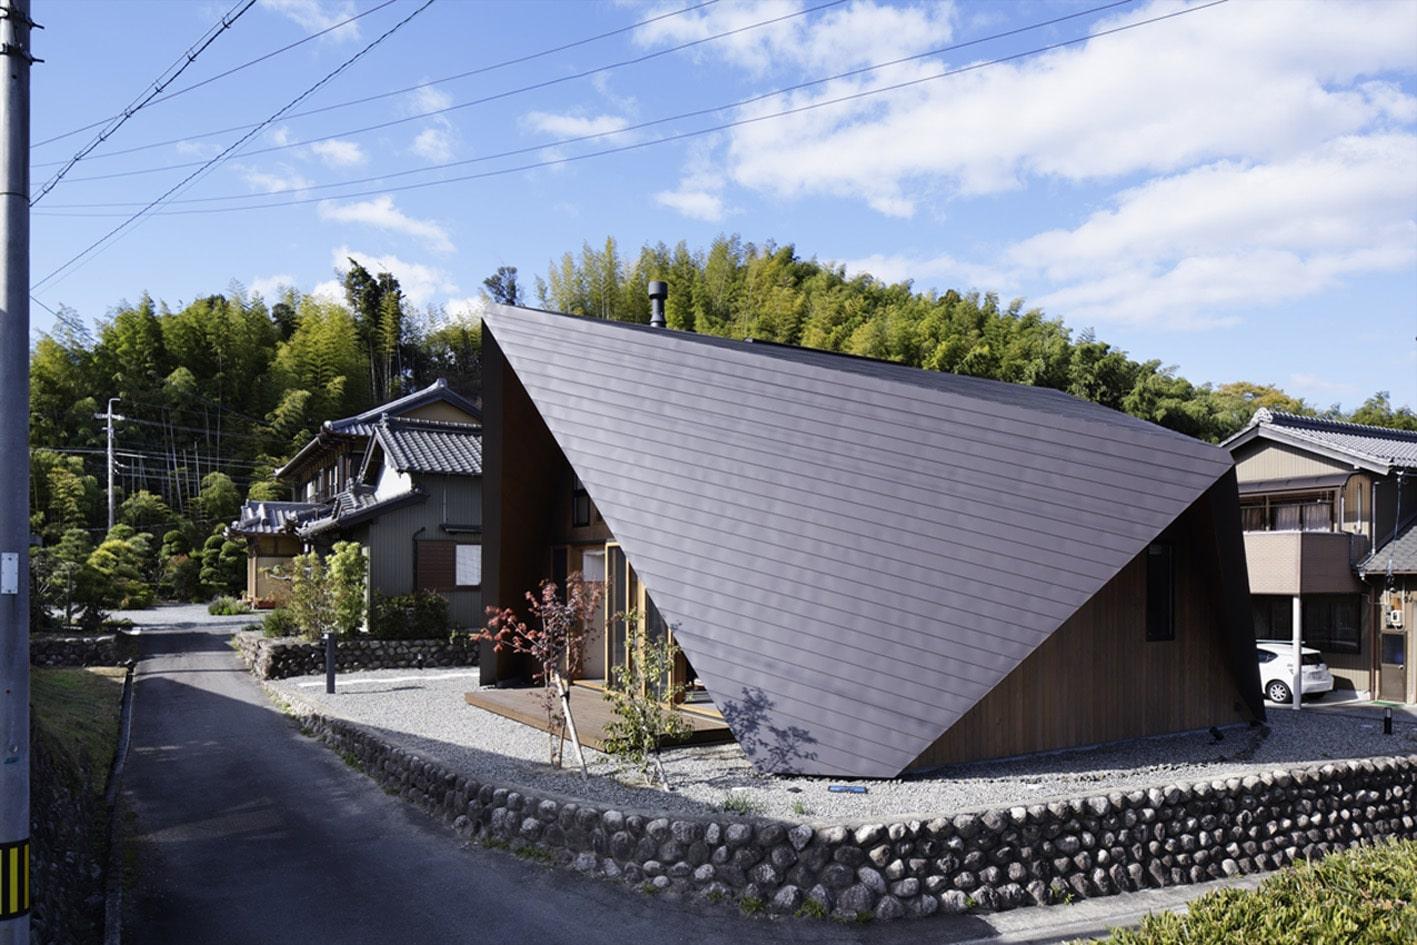 Casa de dos pisos con techo tipo origami para protección | Construye ...